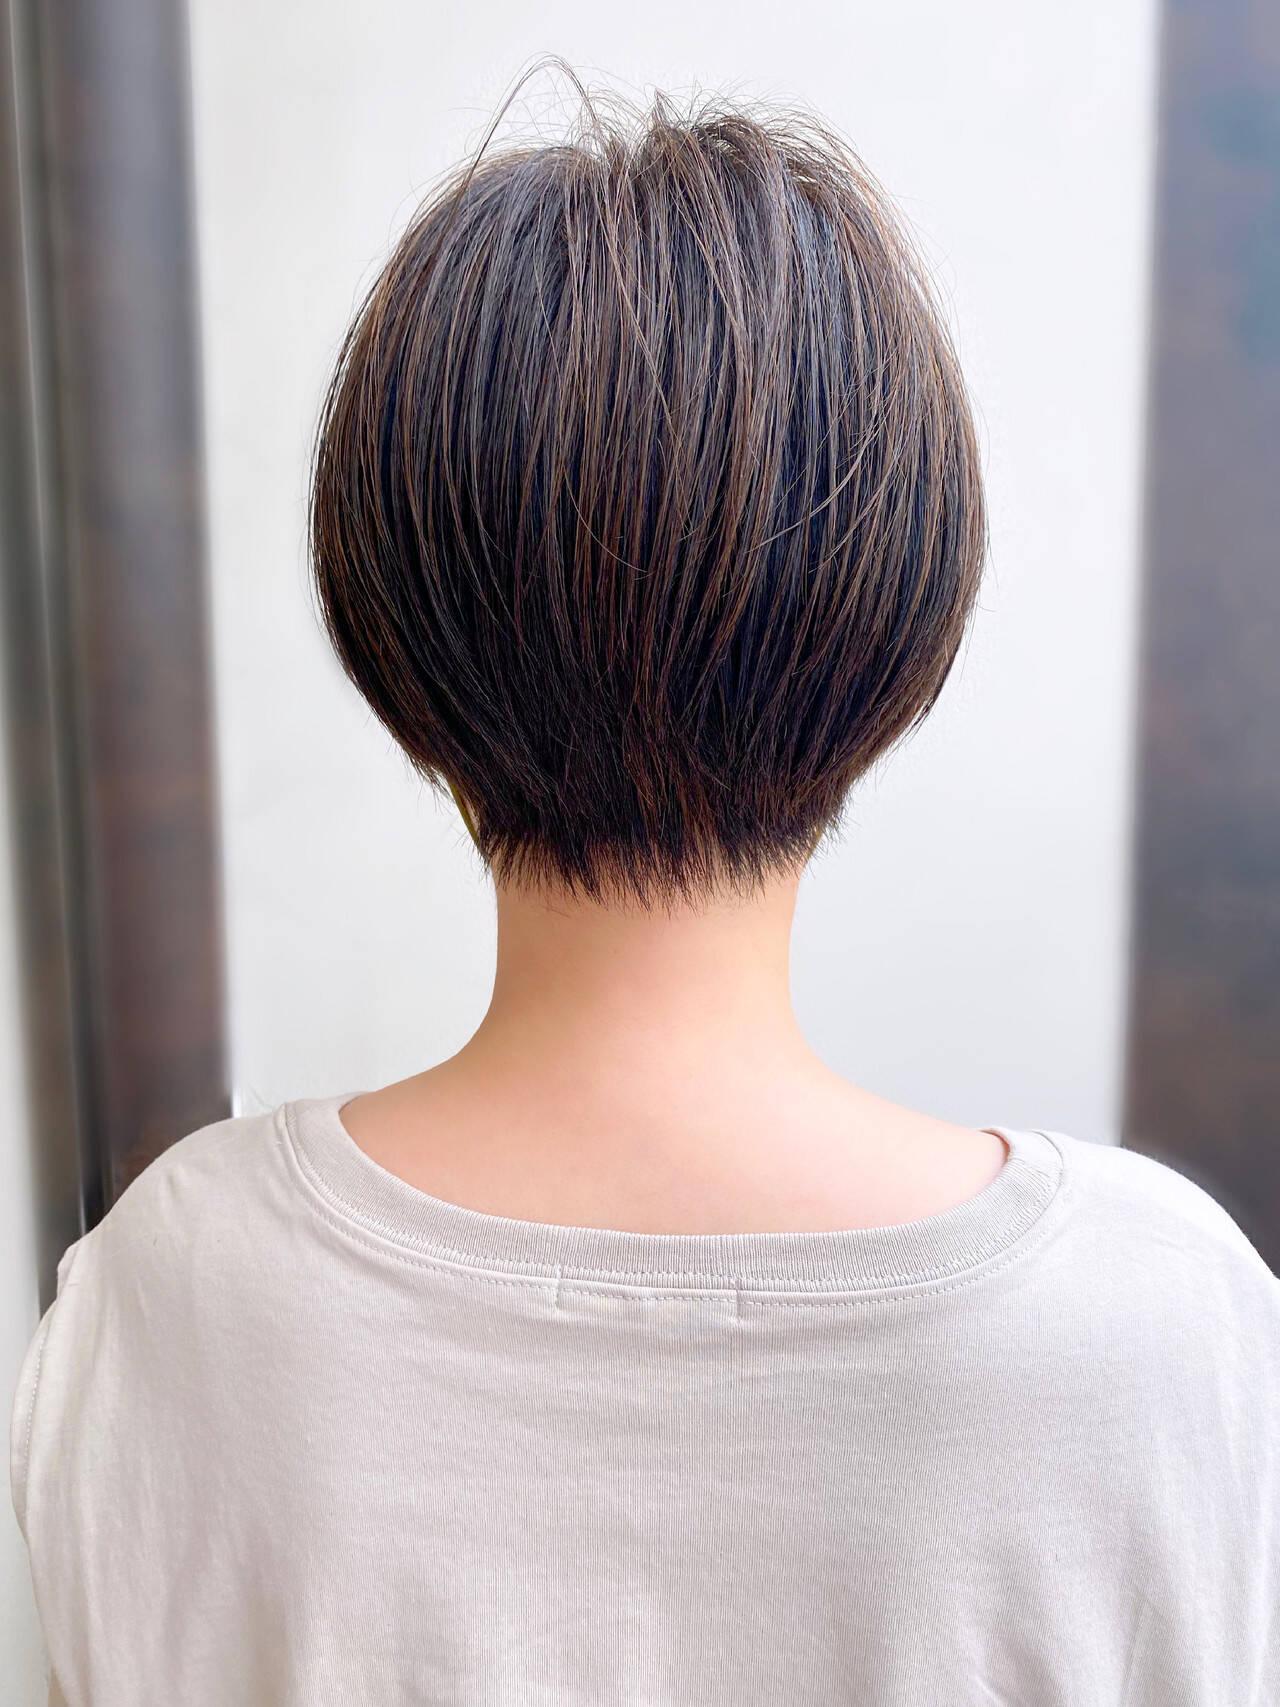 大人かわいい 簡単スタイリング ショートヘア ショートボブヘアスタイルや髪型の写真・画像